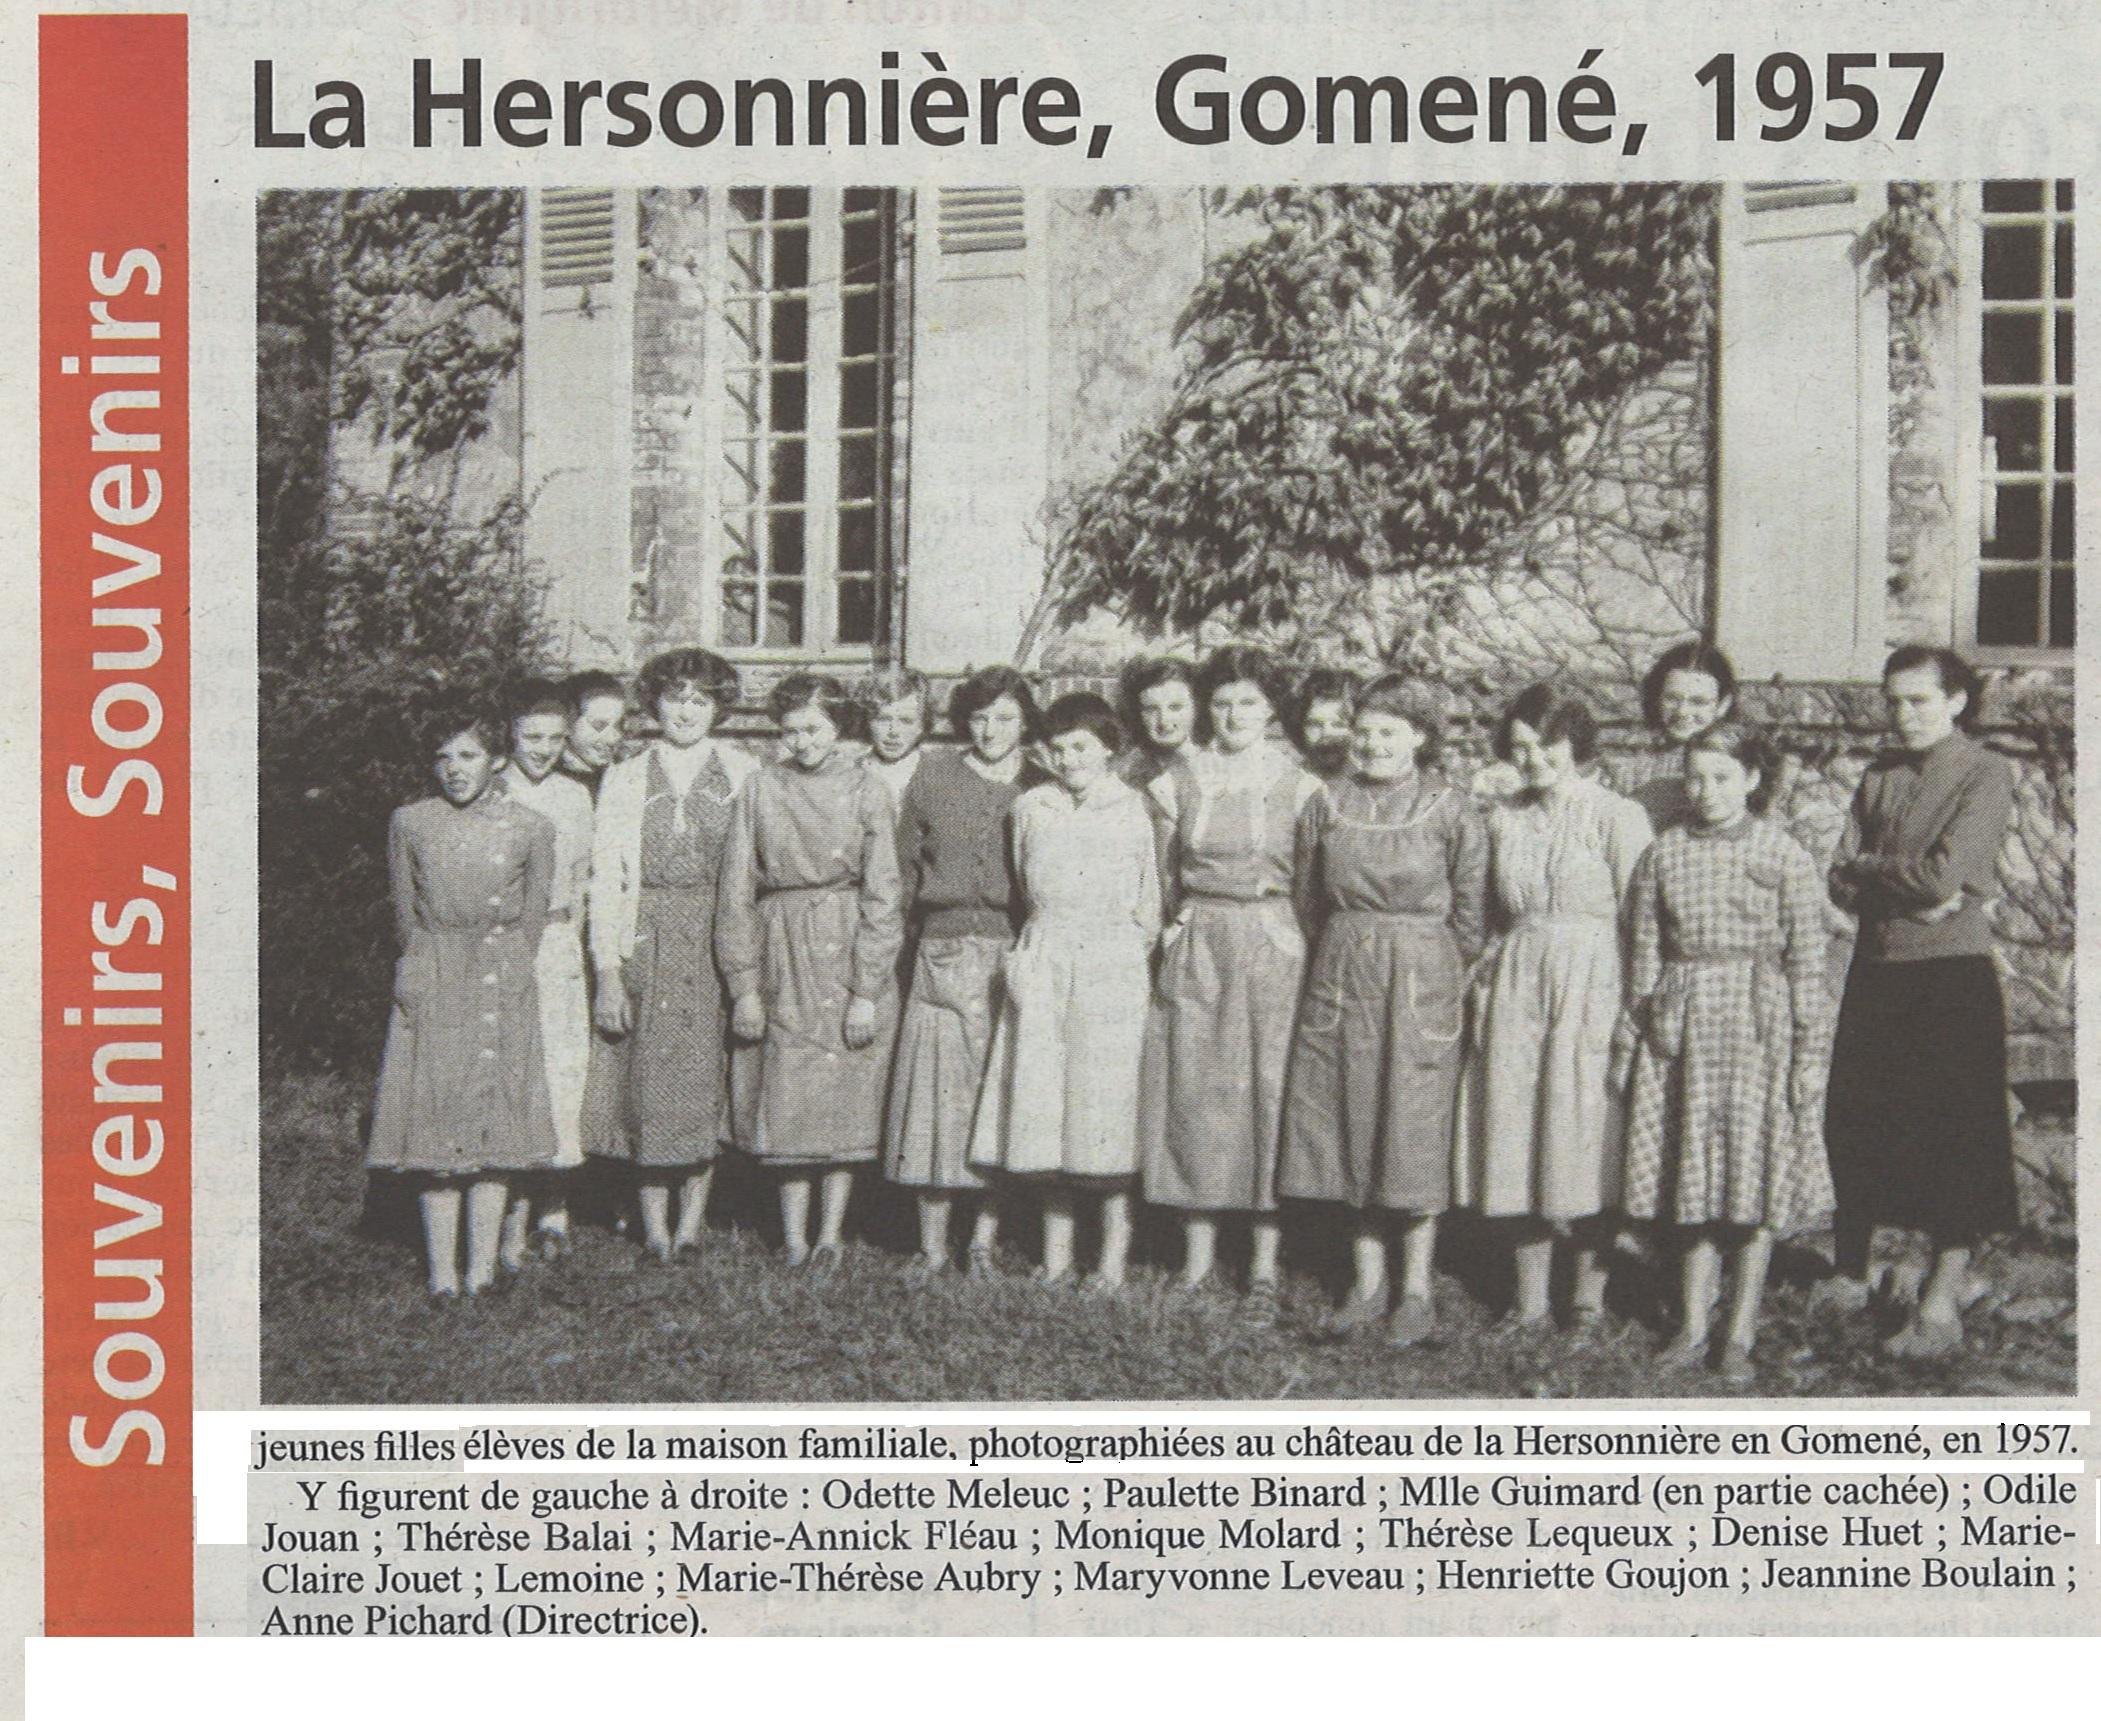 Jeunes filles château Hersonnière 1957